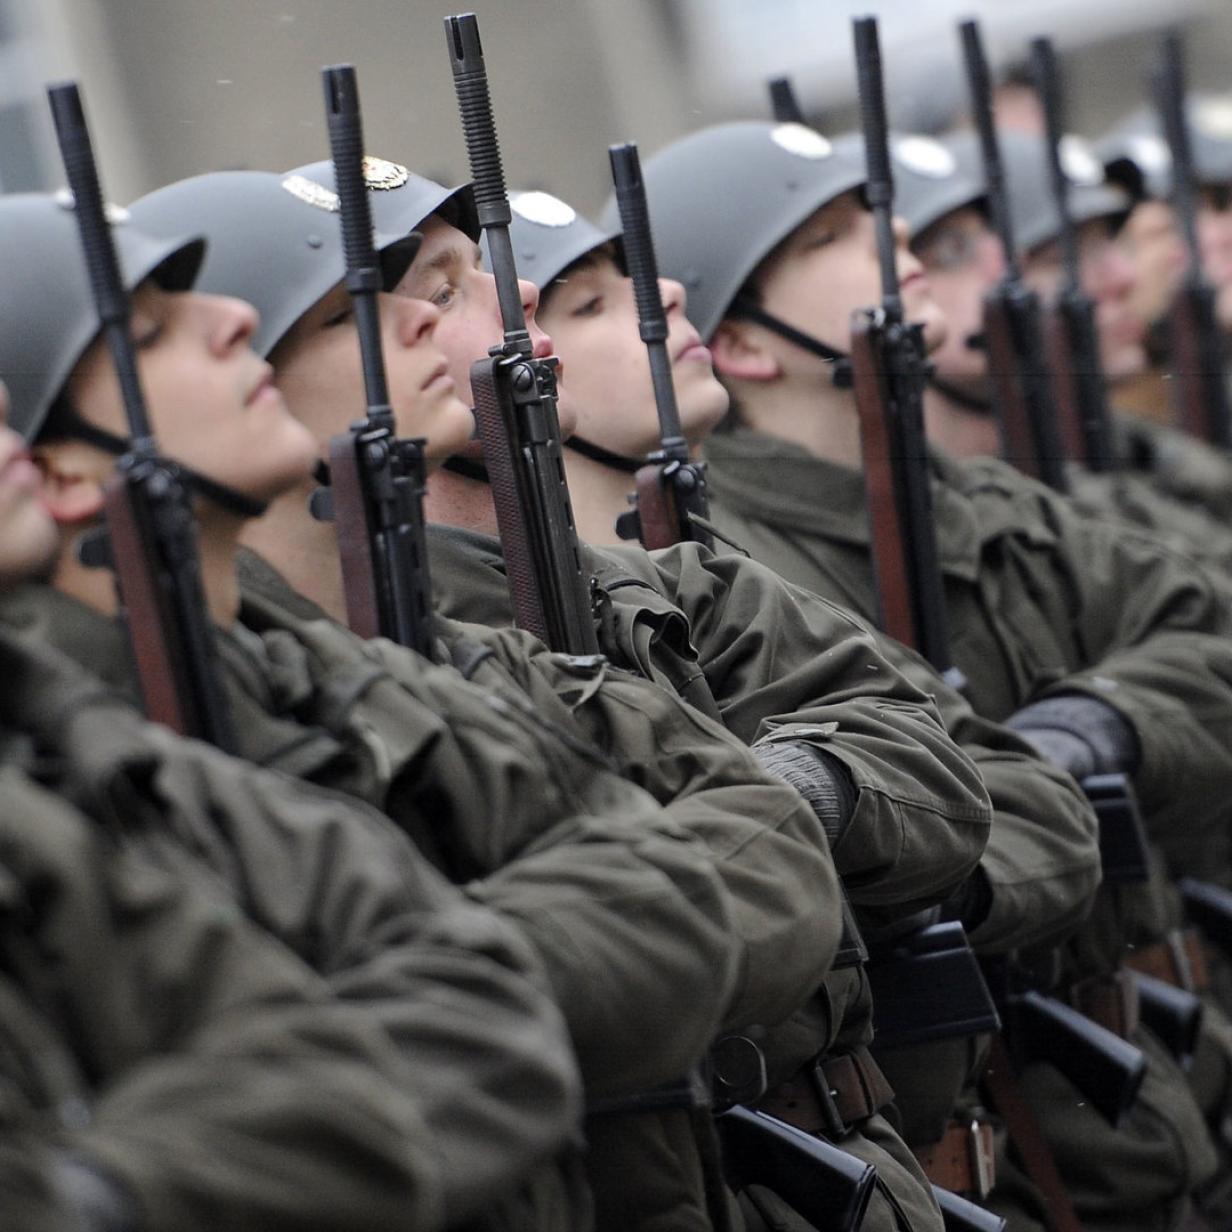 Der düstere Zustand des Heeres